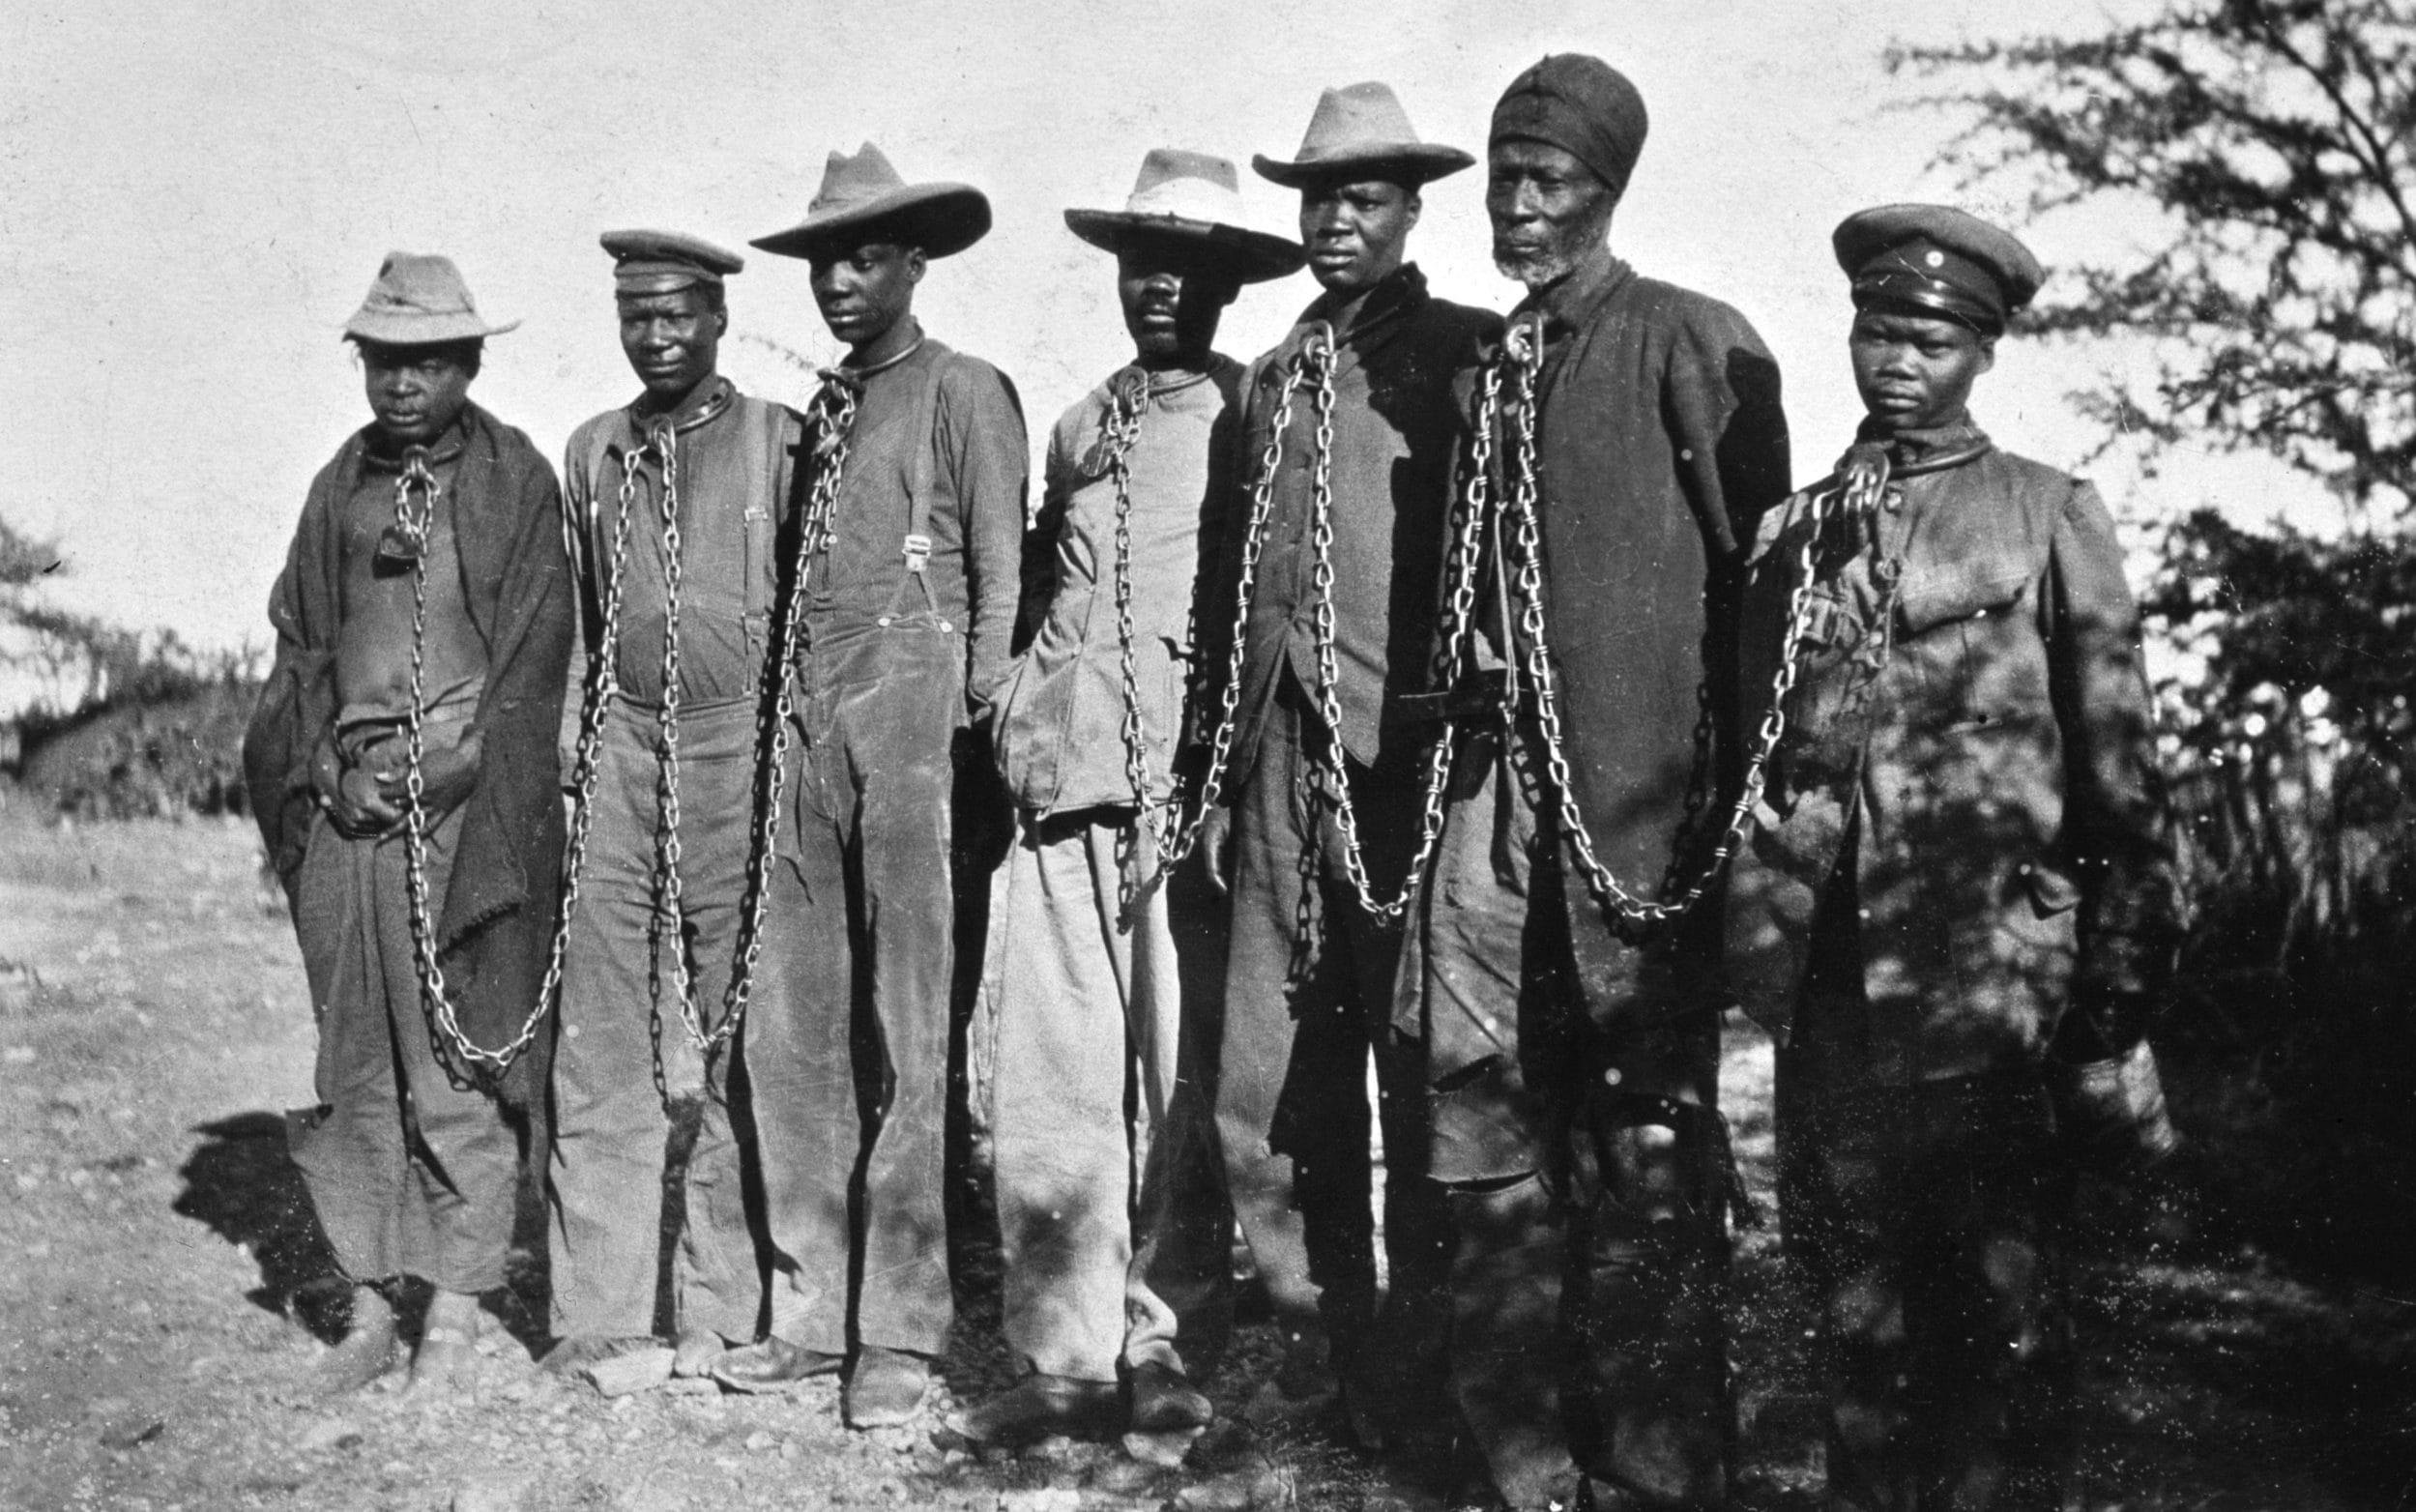 Alemania acuerda pagar a Namibia 1.300 millones de dólares por el histórico genocidio herero-nama